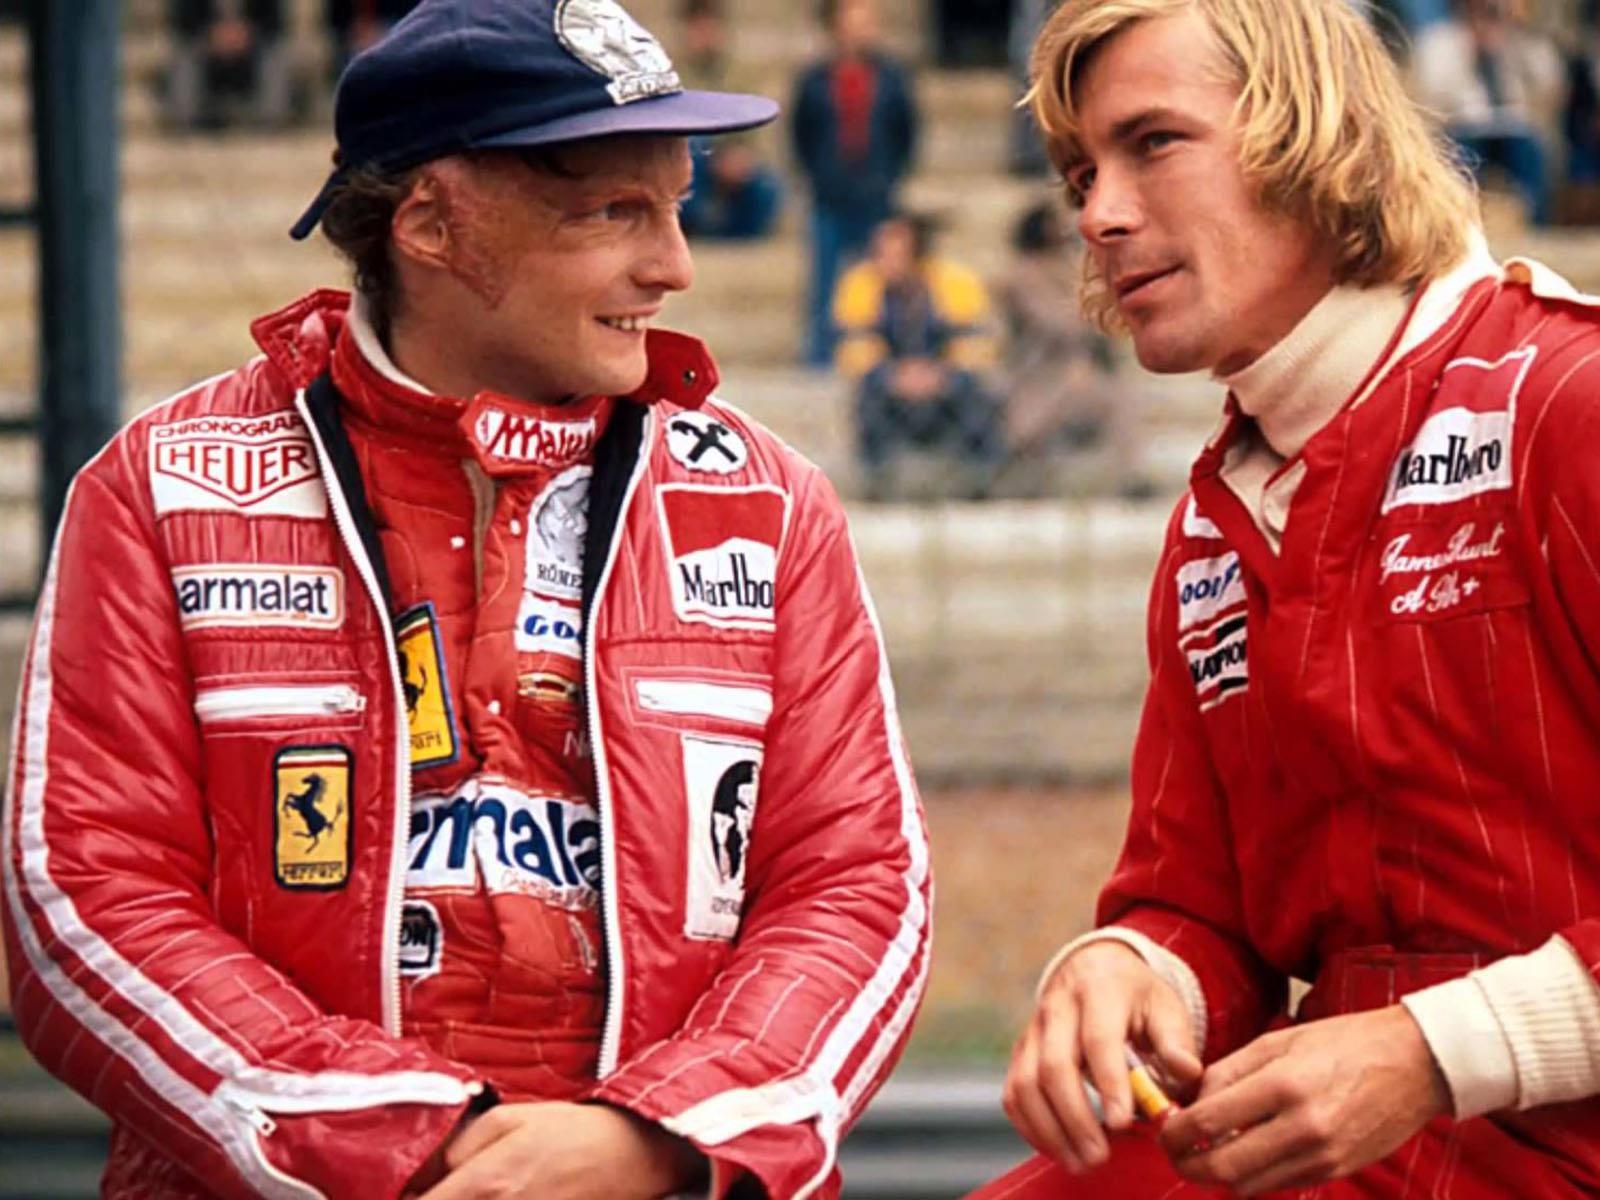 1976, el año de Lauda contra Hunt en la Fórmula 1